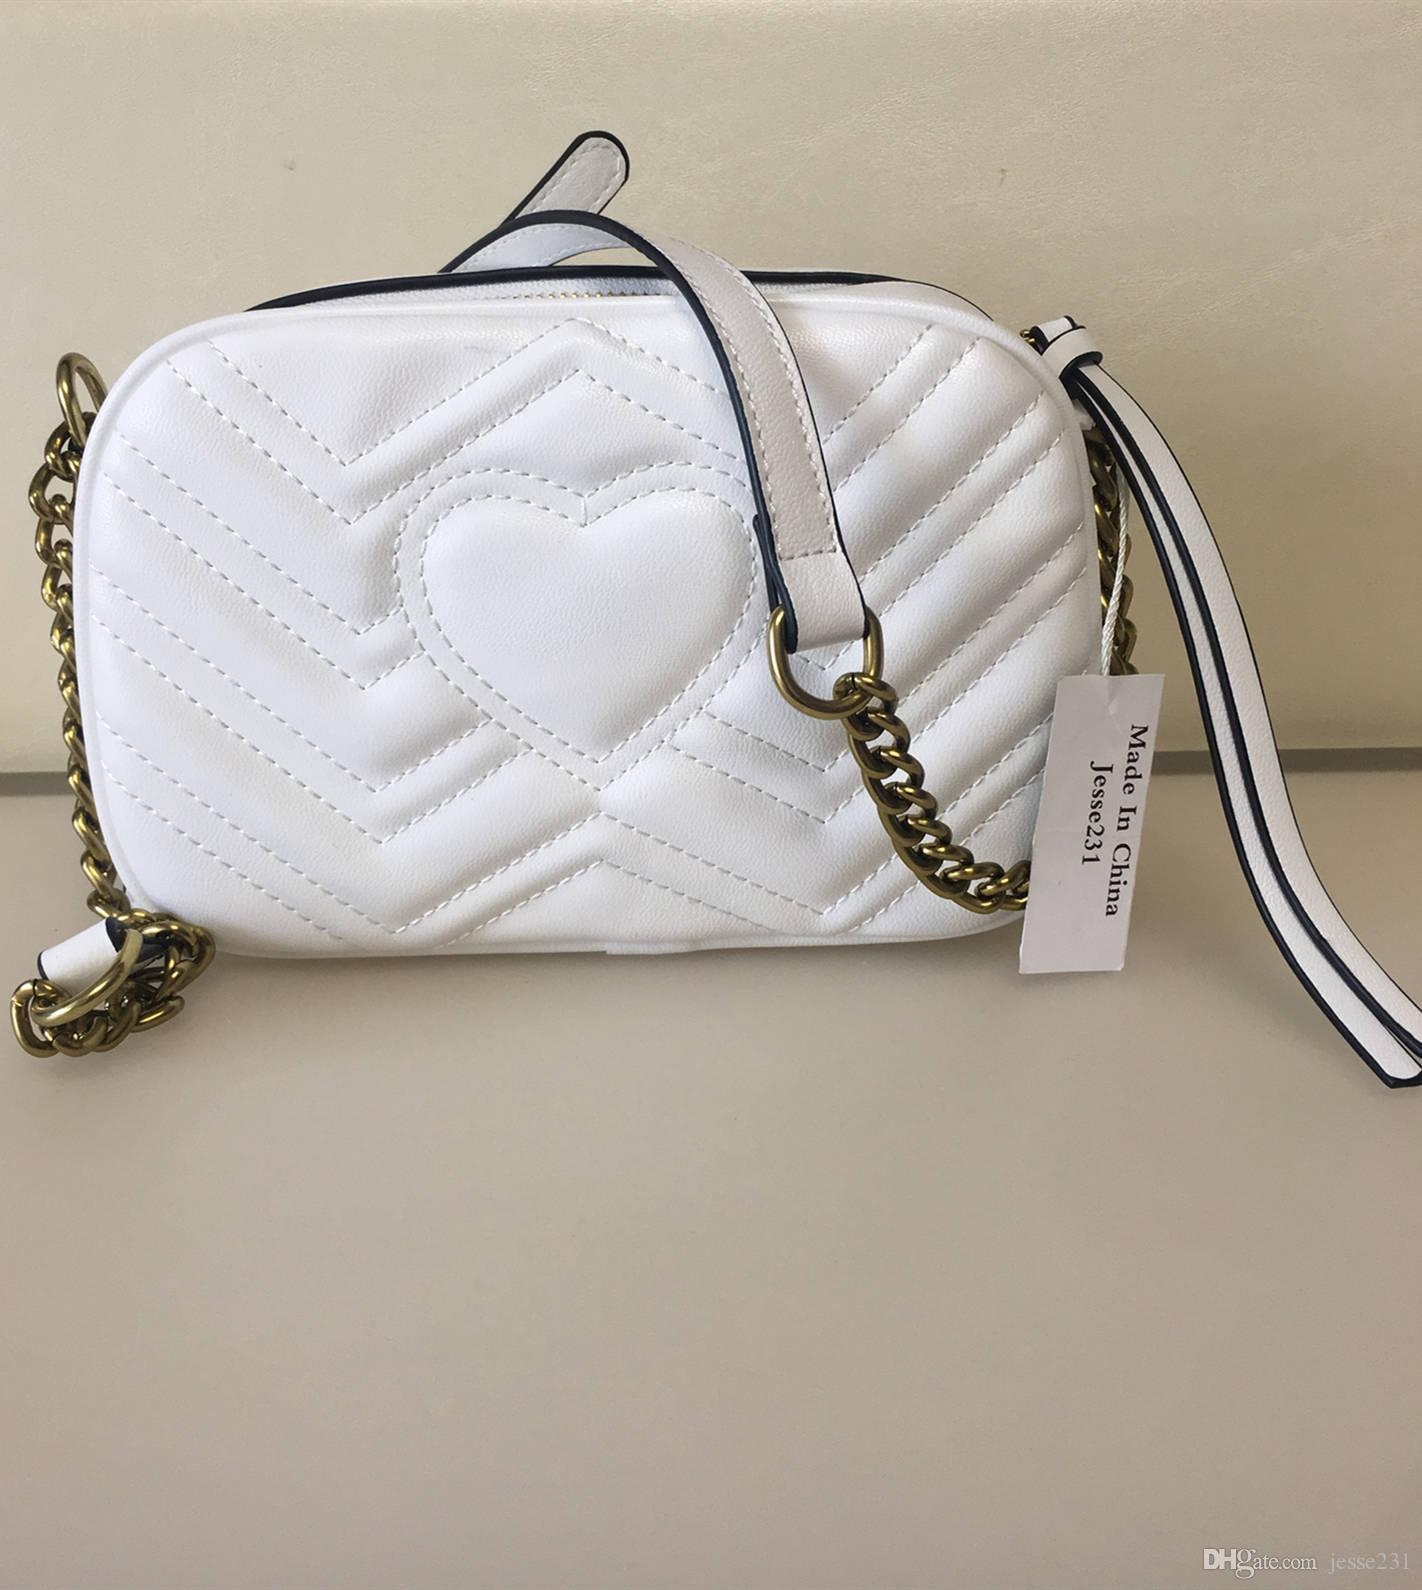 Modo di alta qualità delle donne borse famoso oro Borse catena della spalla Crossbody Bag Soho Disco Shoulder Bag Purse Wallet 21 centimetri